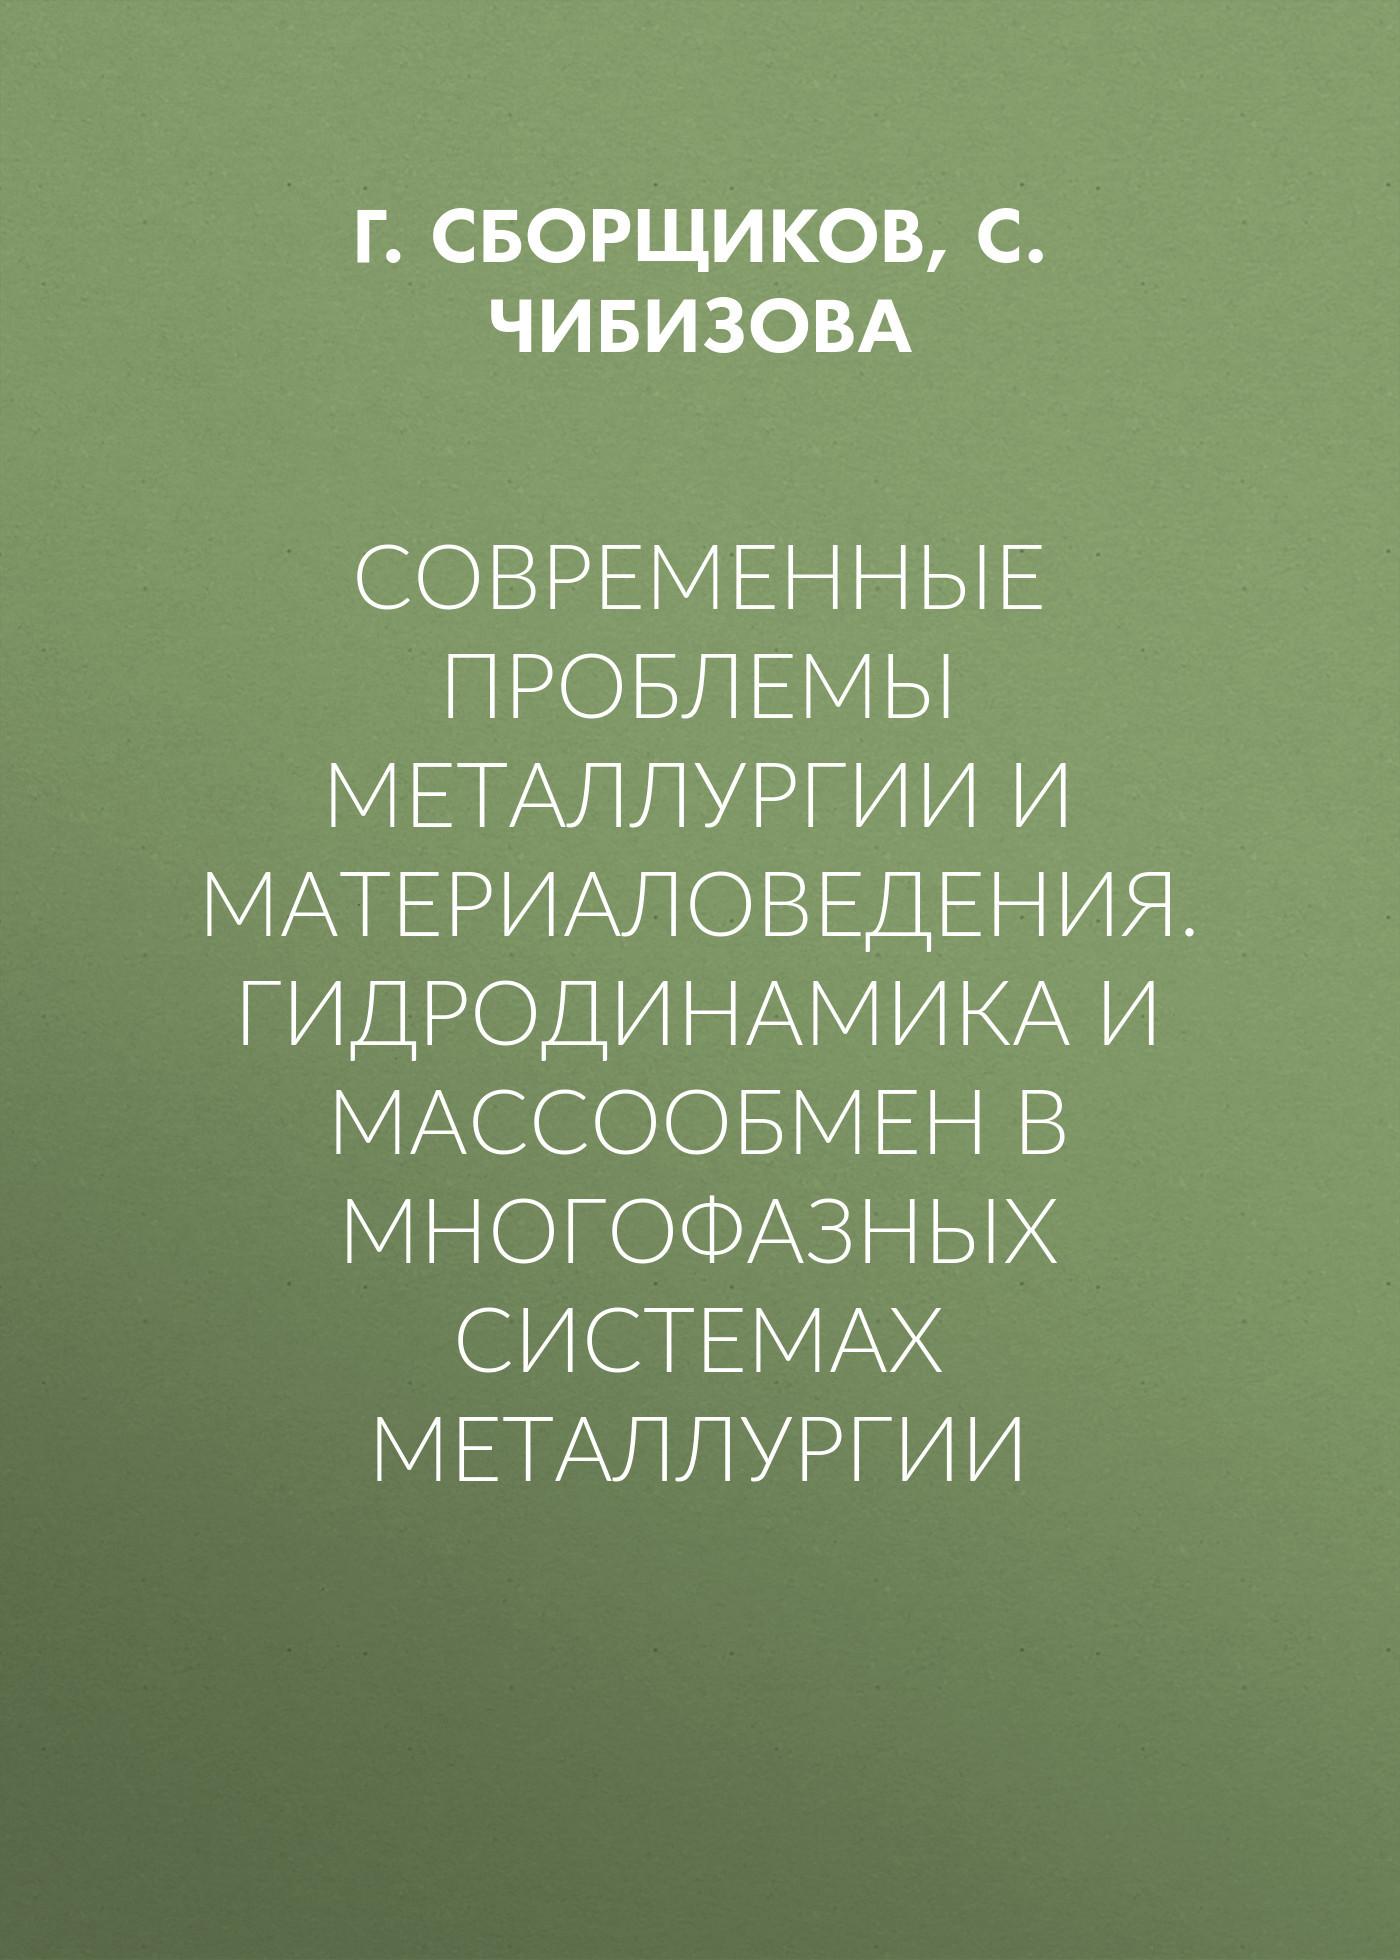 С. Чибизова Современные проблемы металлургии и материаловедения. Гидродинамика и массообмен в многофазных системах металлургии